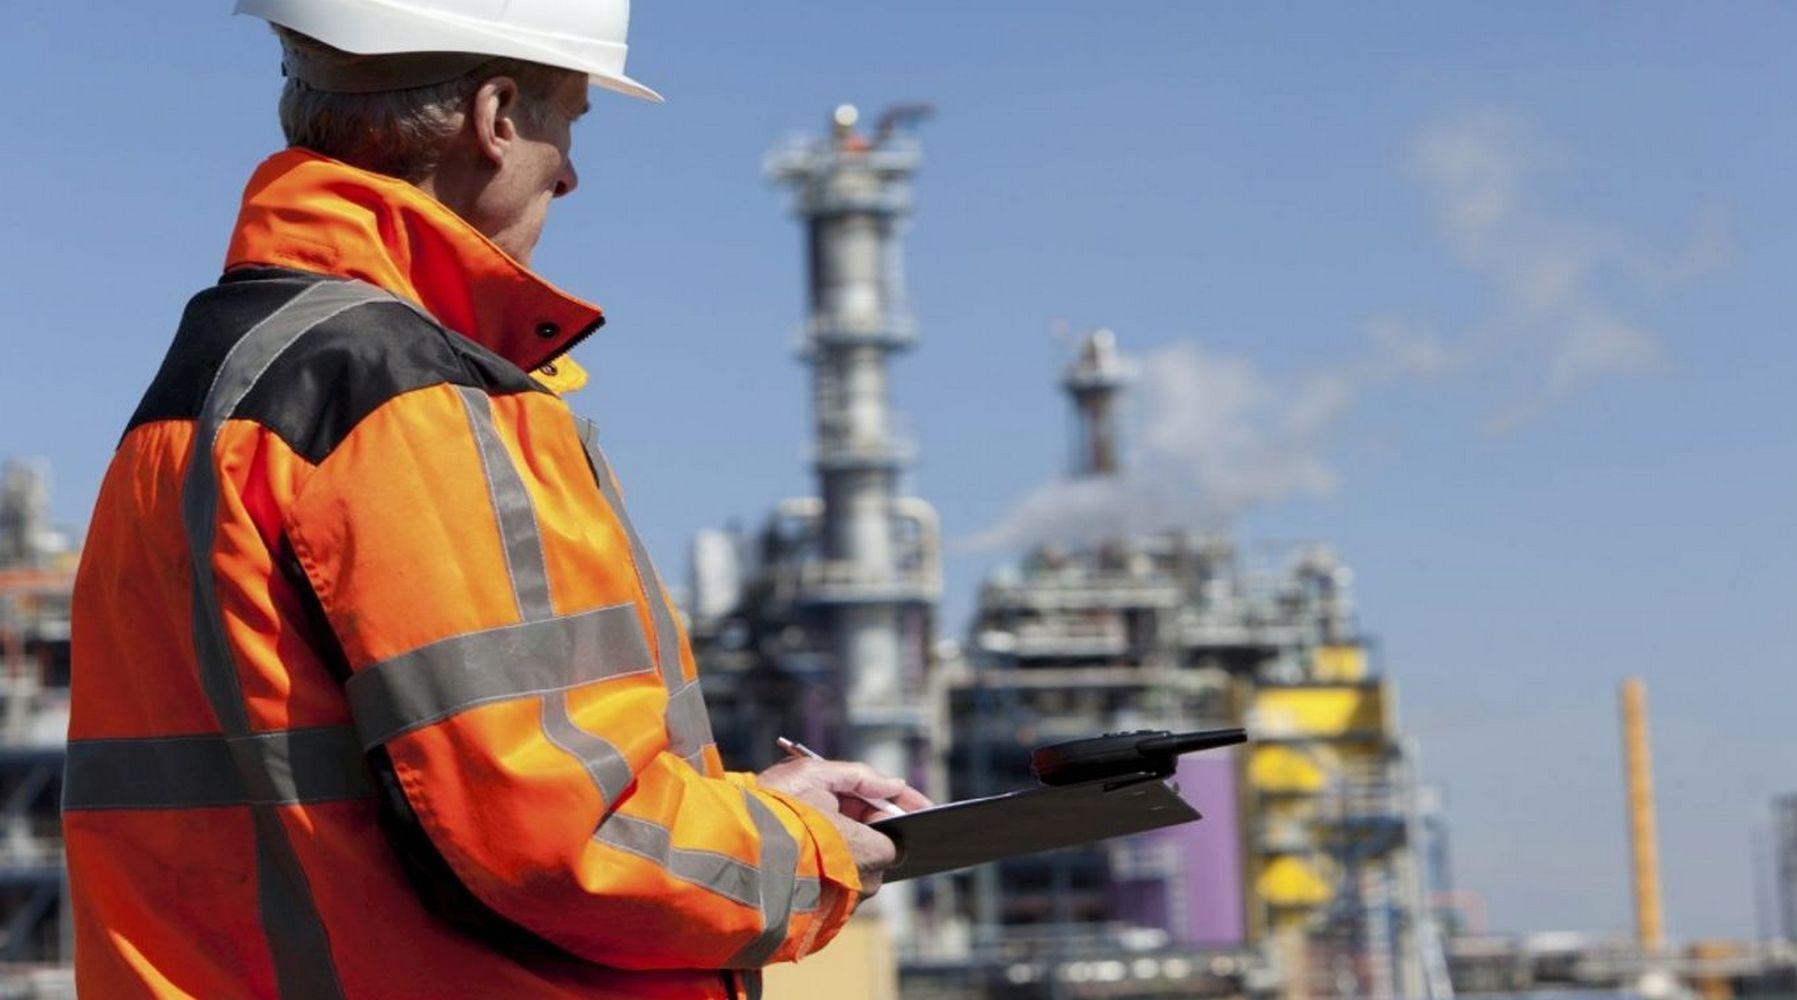 технолог нефтепереработки